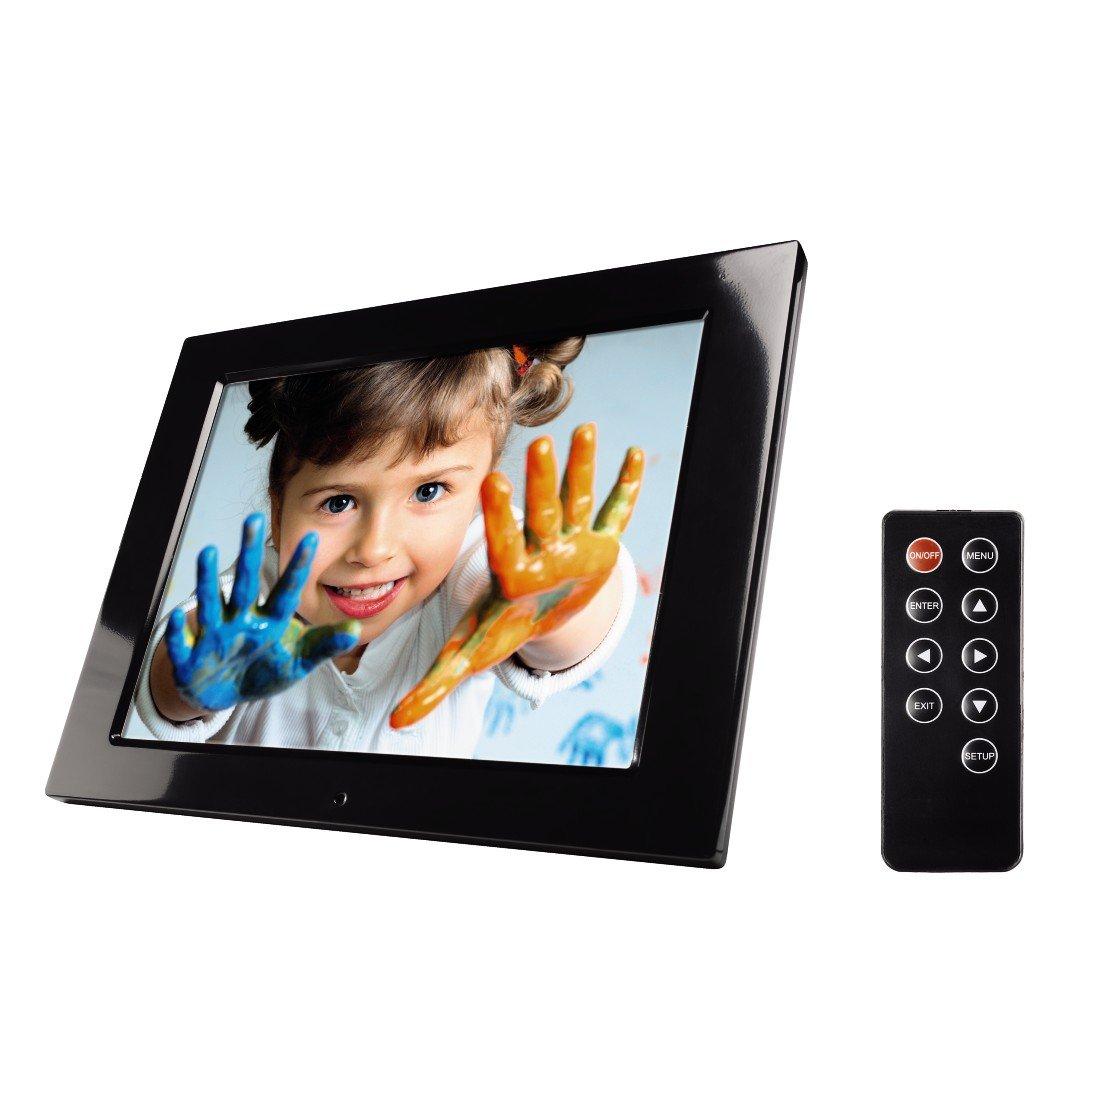 Hama New Basic Digitaler Bilderrahmen 12,1 Zoll: Amazon.de: Kamera